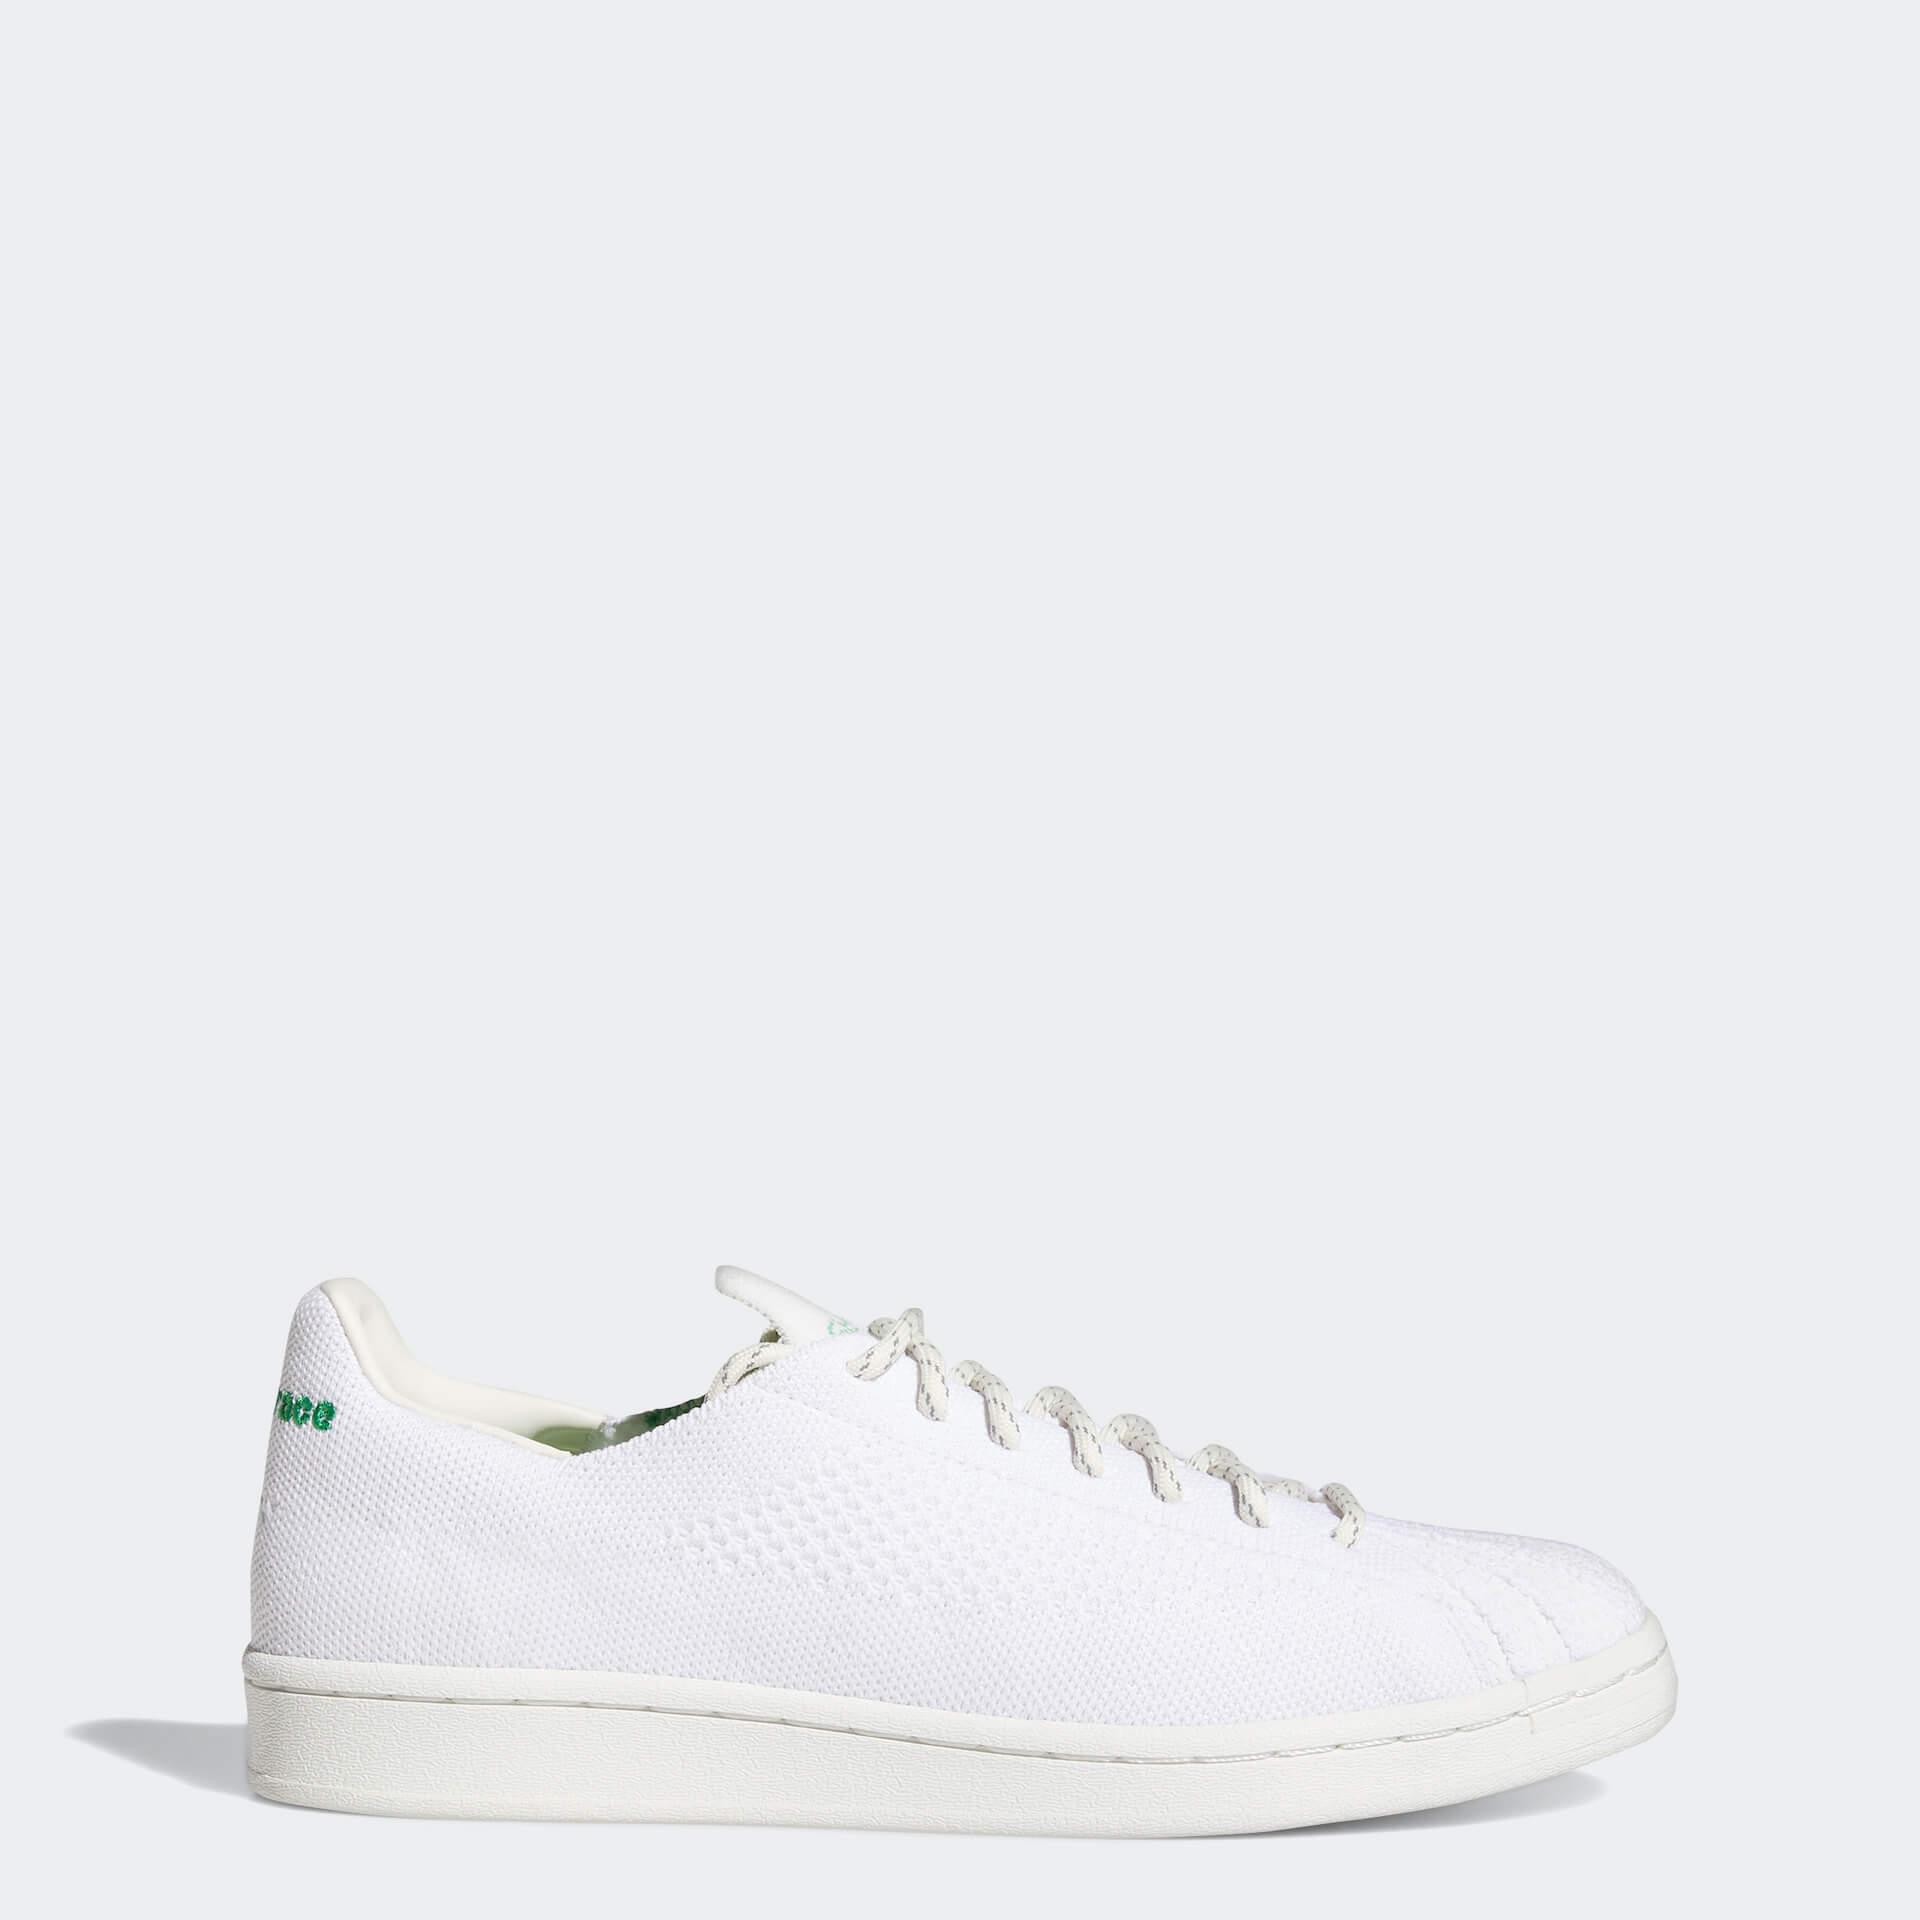 アディダスとファレル・ウィリアムスのコラボ最新作「PW Premium Basics」コレクションが発売! life210415_adidas-pharrellwilliams-210415_6